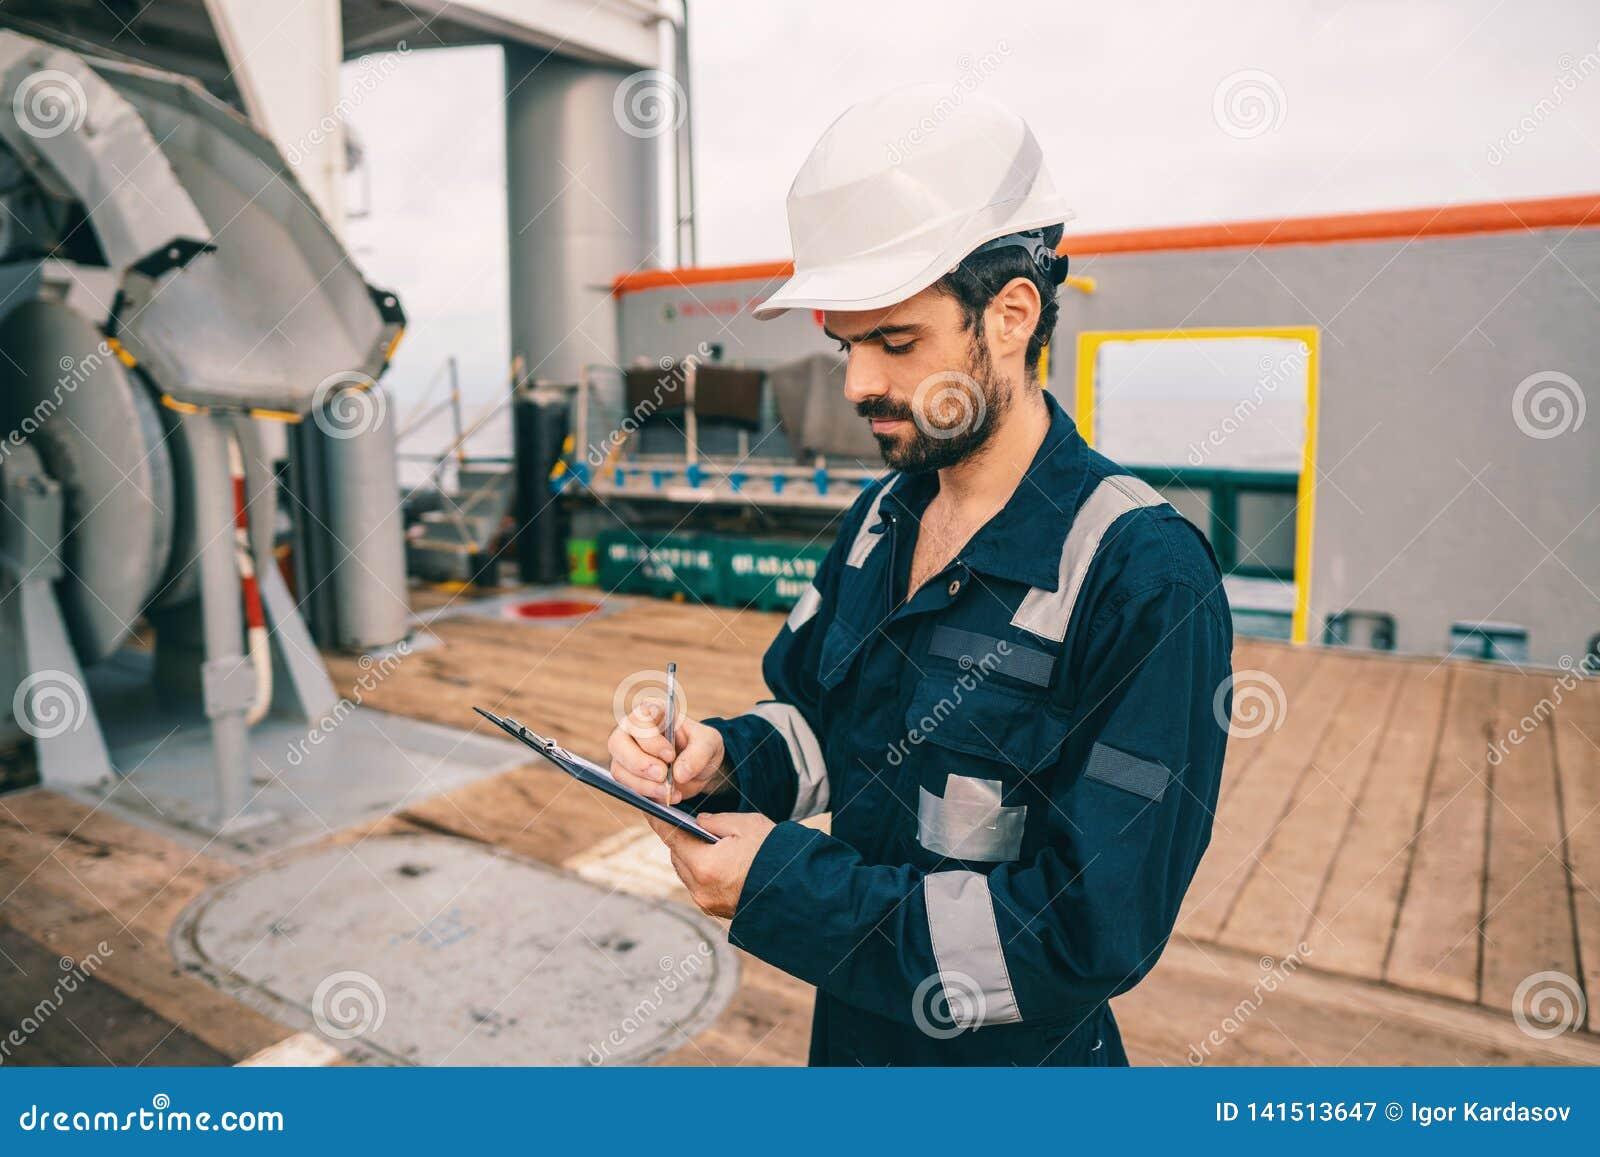 Marine Deck Officer of eerste stuurman op dek van schip of schip